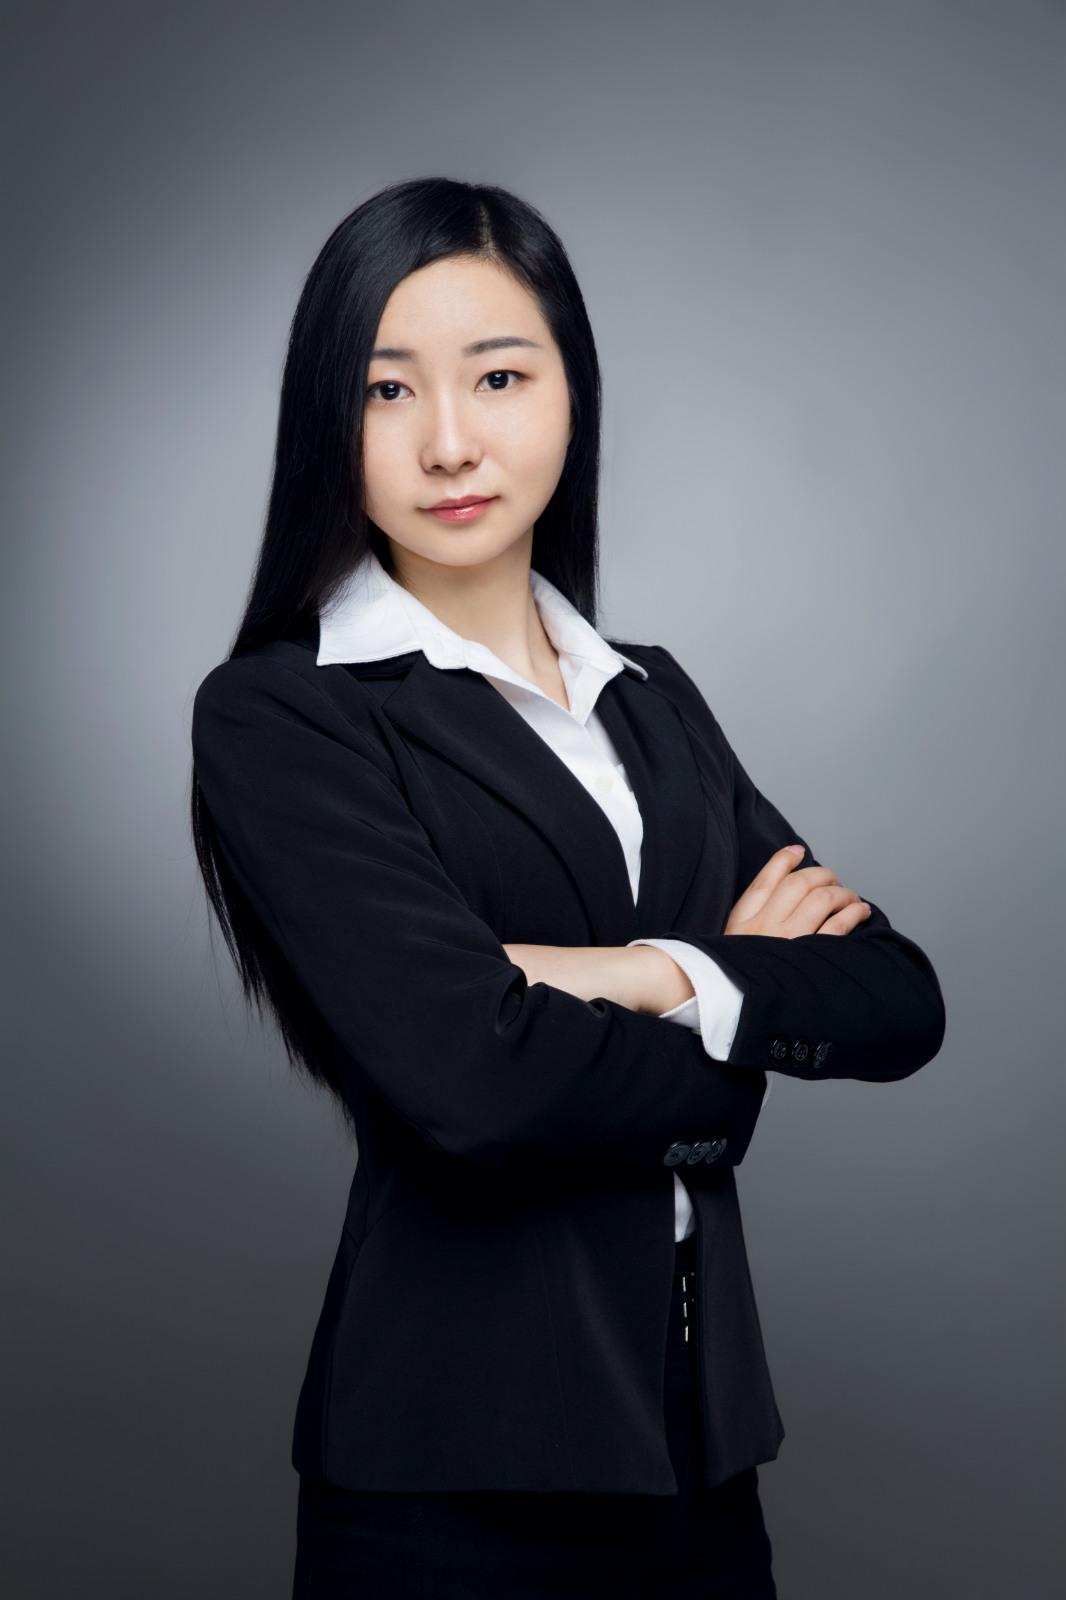 广东省深圳猎头公司如何去辨别选择